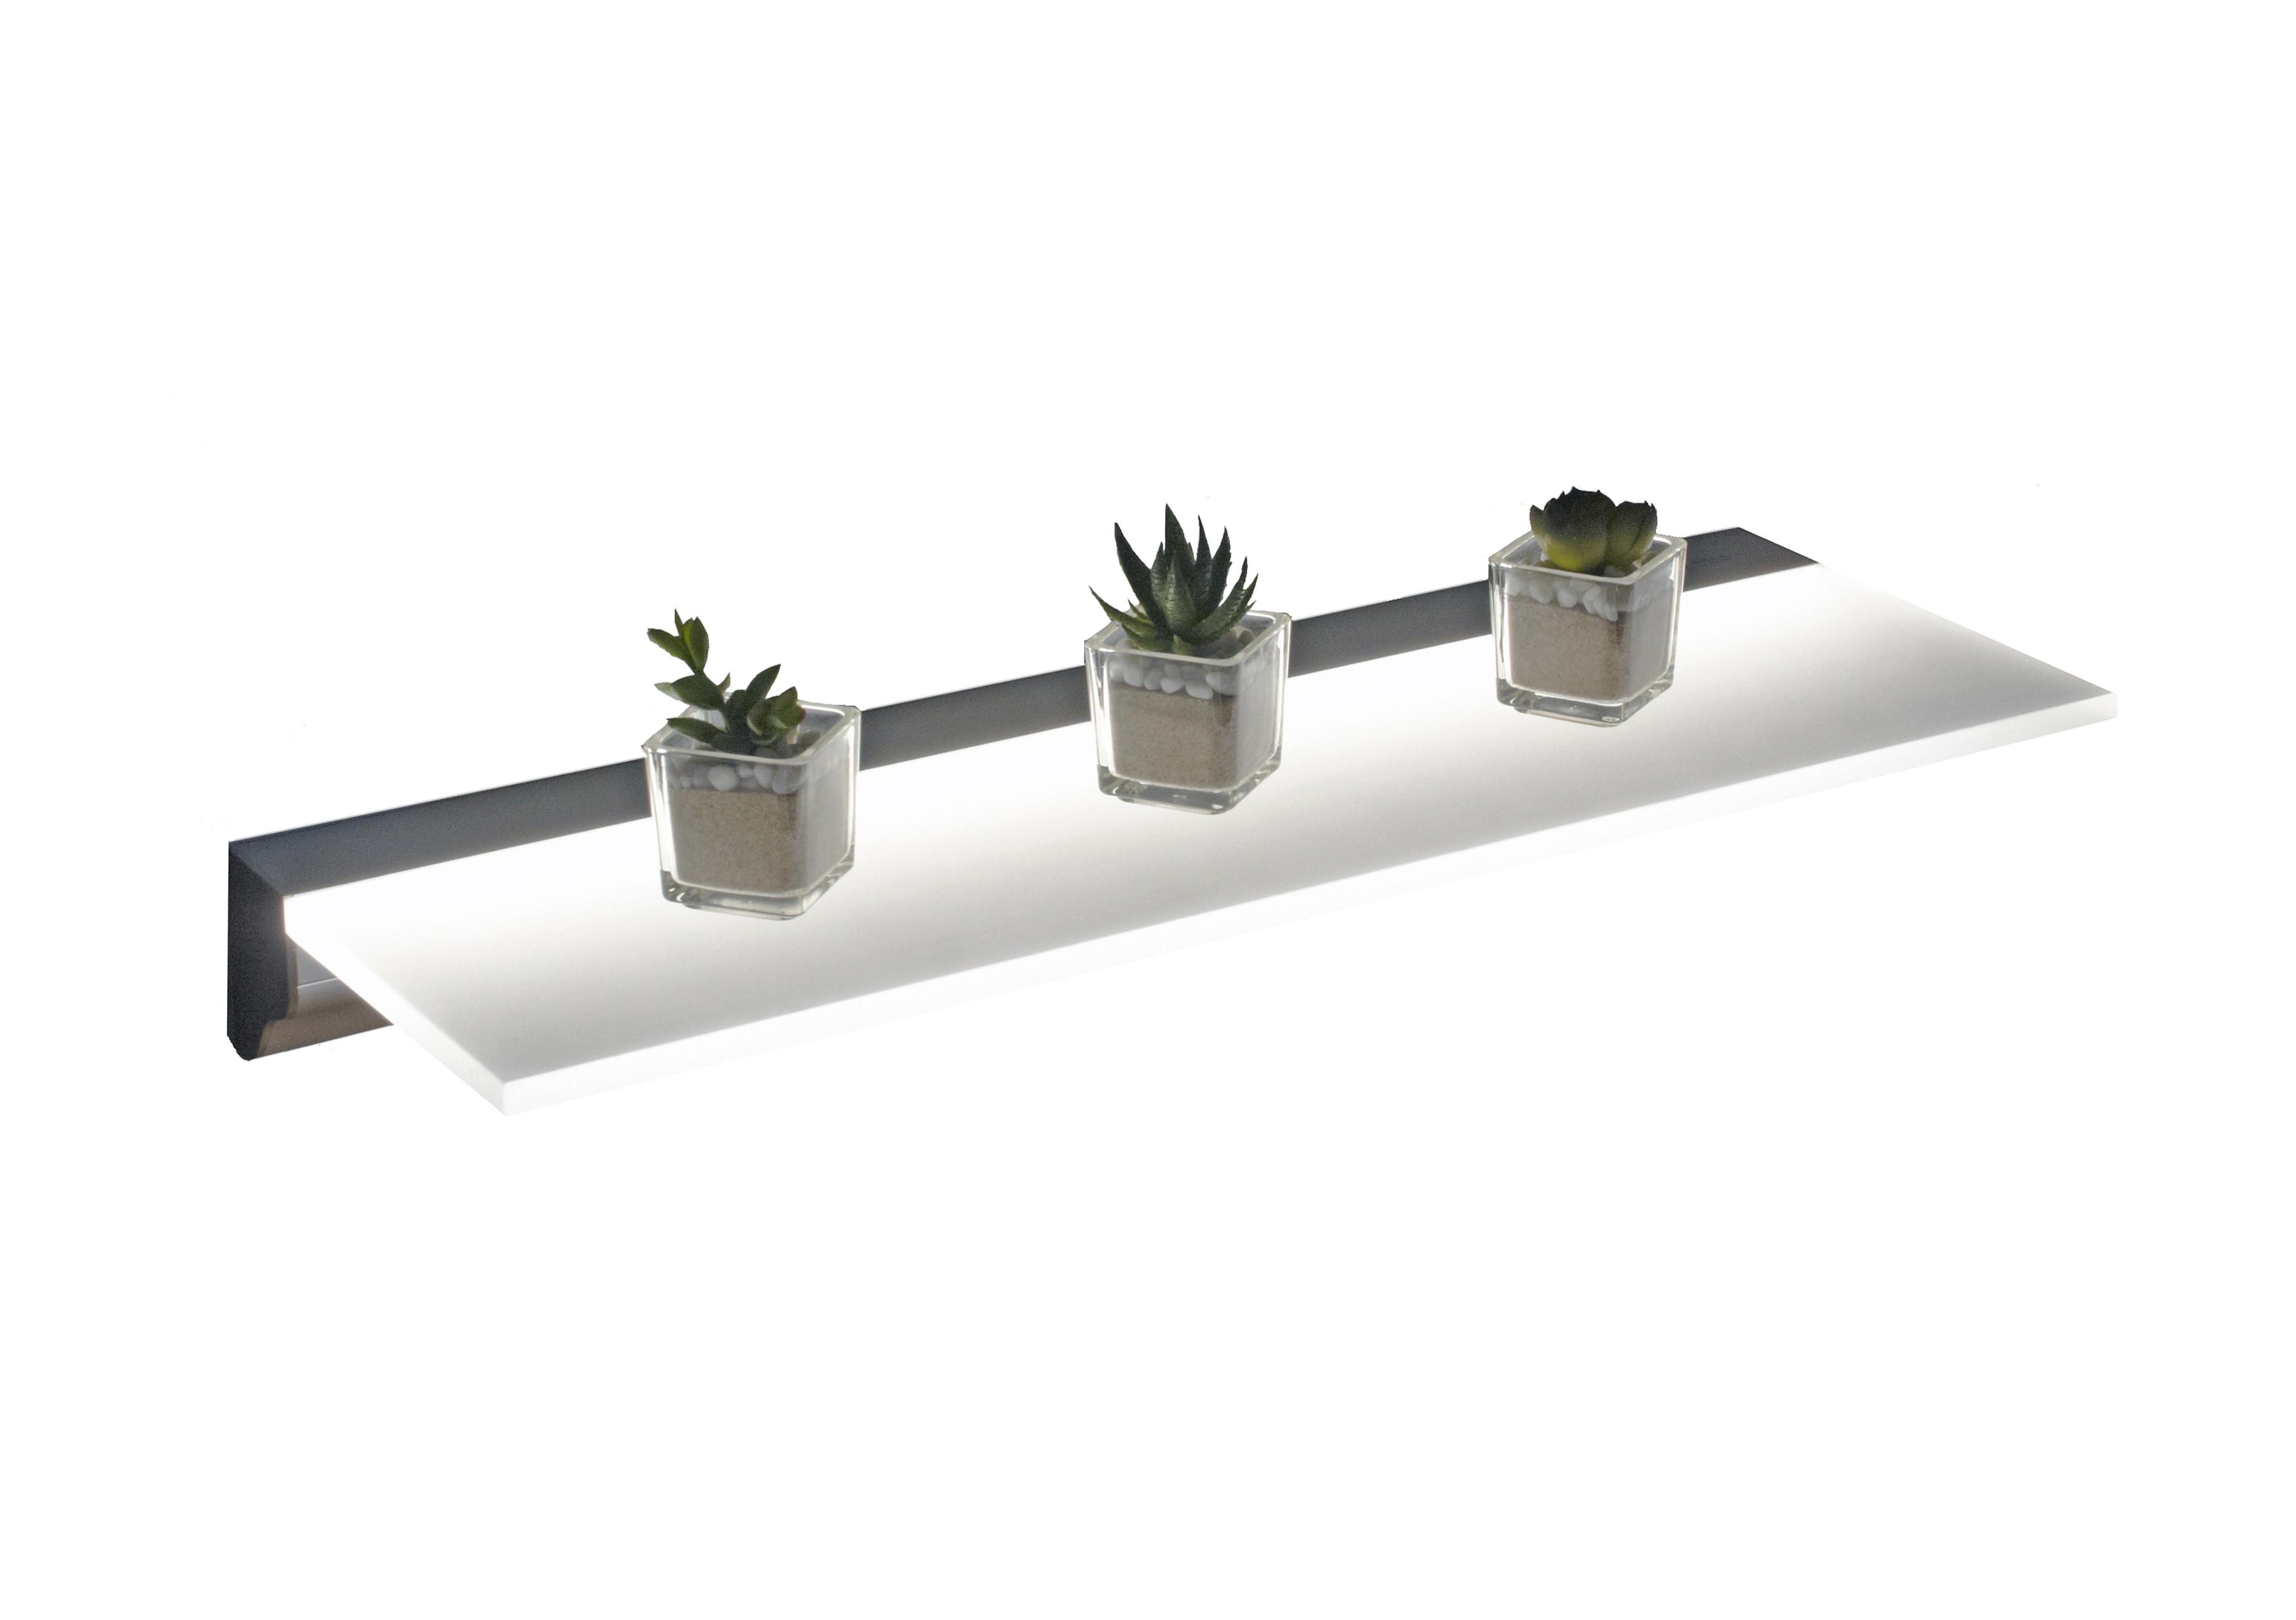 Illuminated LED Floating Shelf